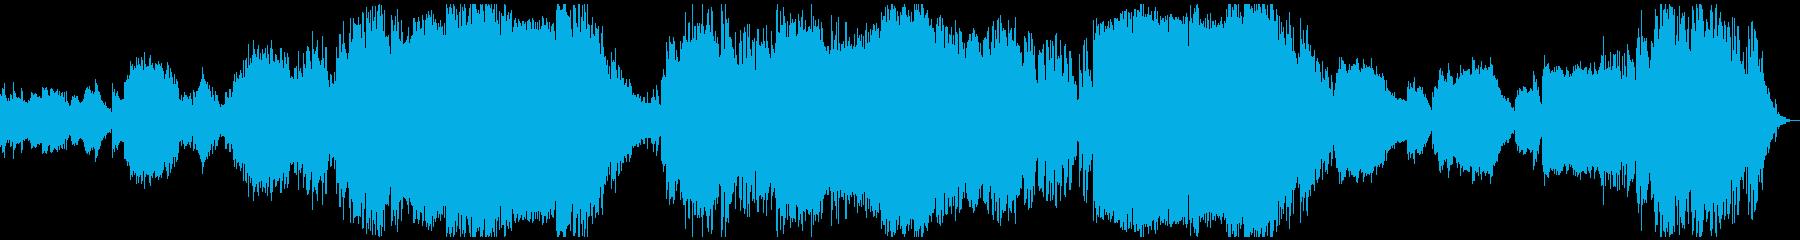 澄んだ空気が充満しているような空間の音楽の再生済みの波形